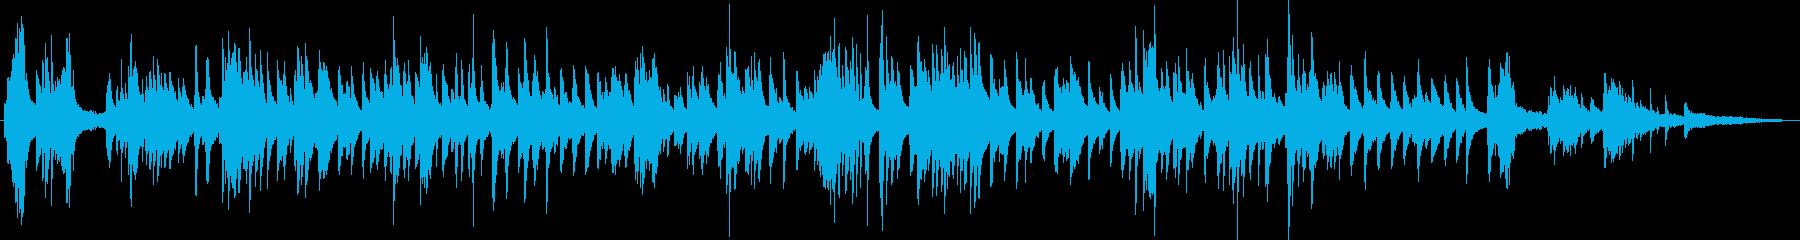 優雅で美しいソフトジャズピアノの再生済みの波形